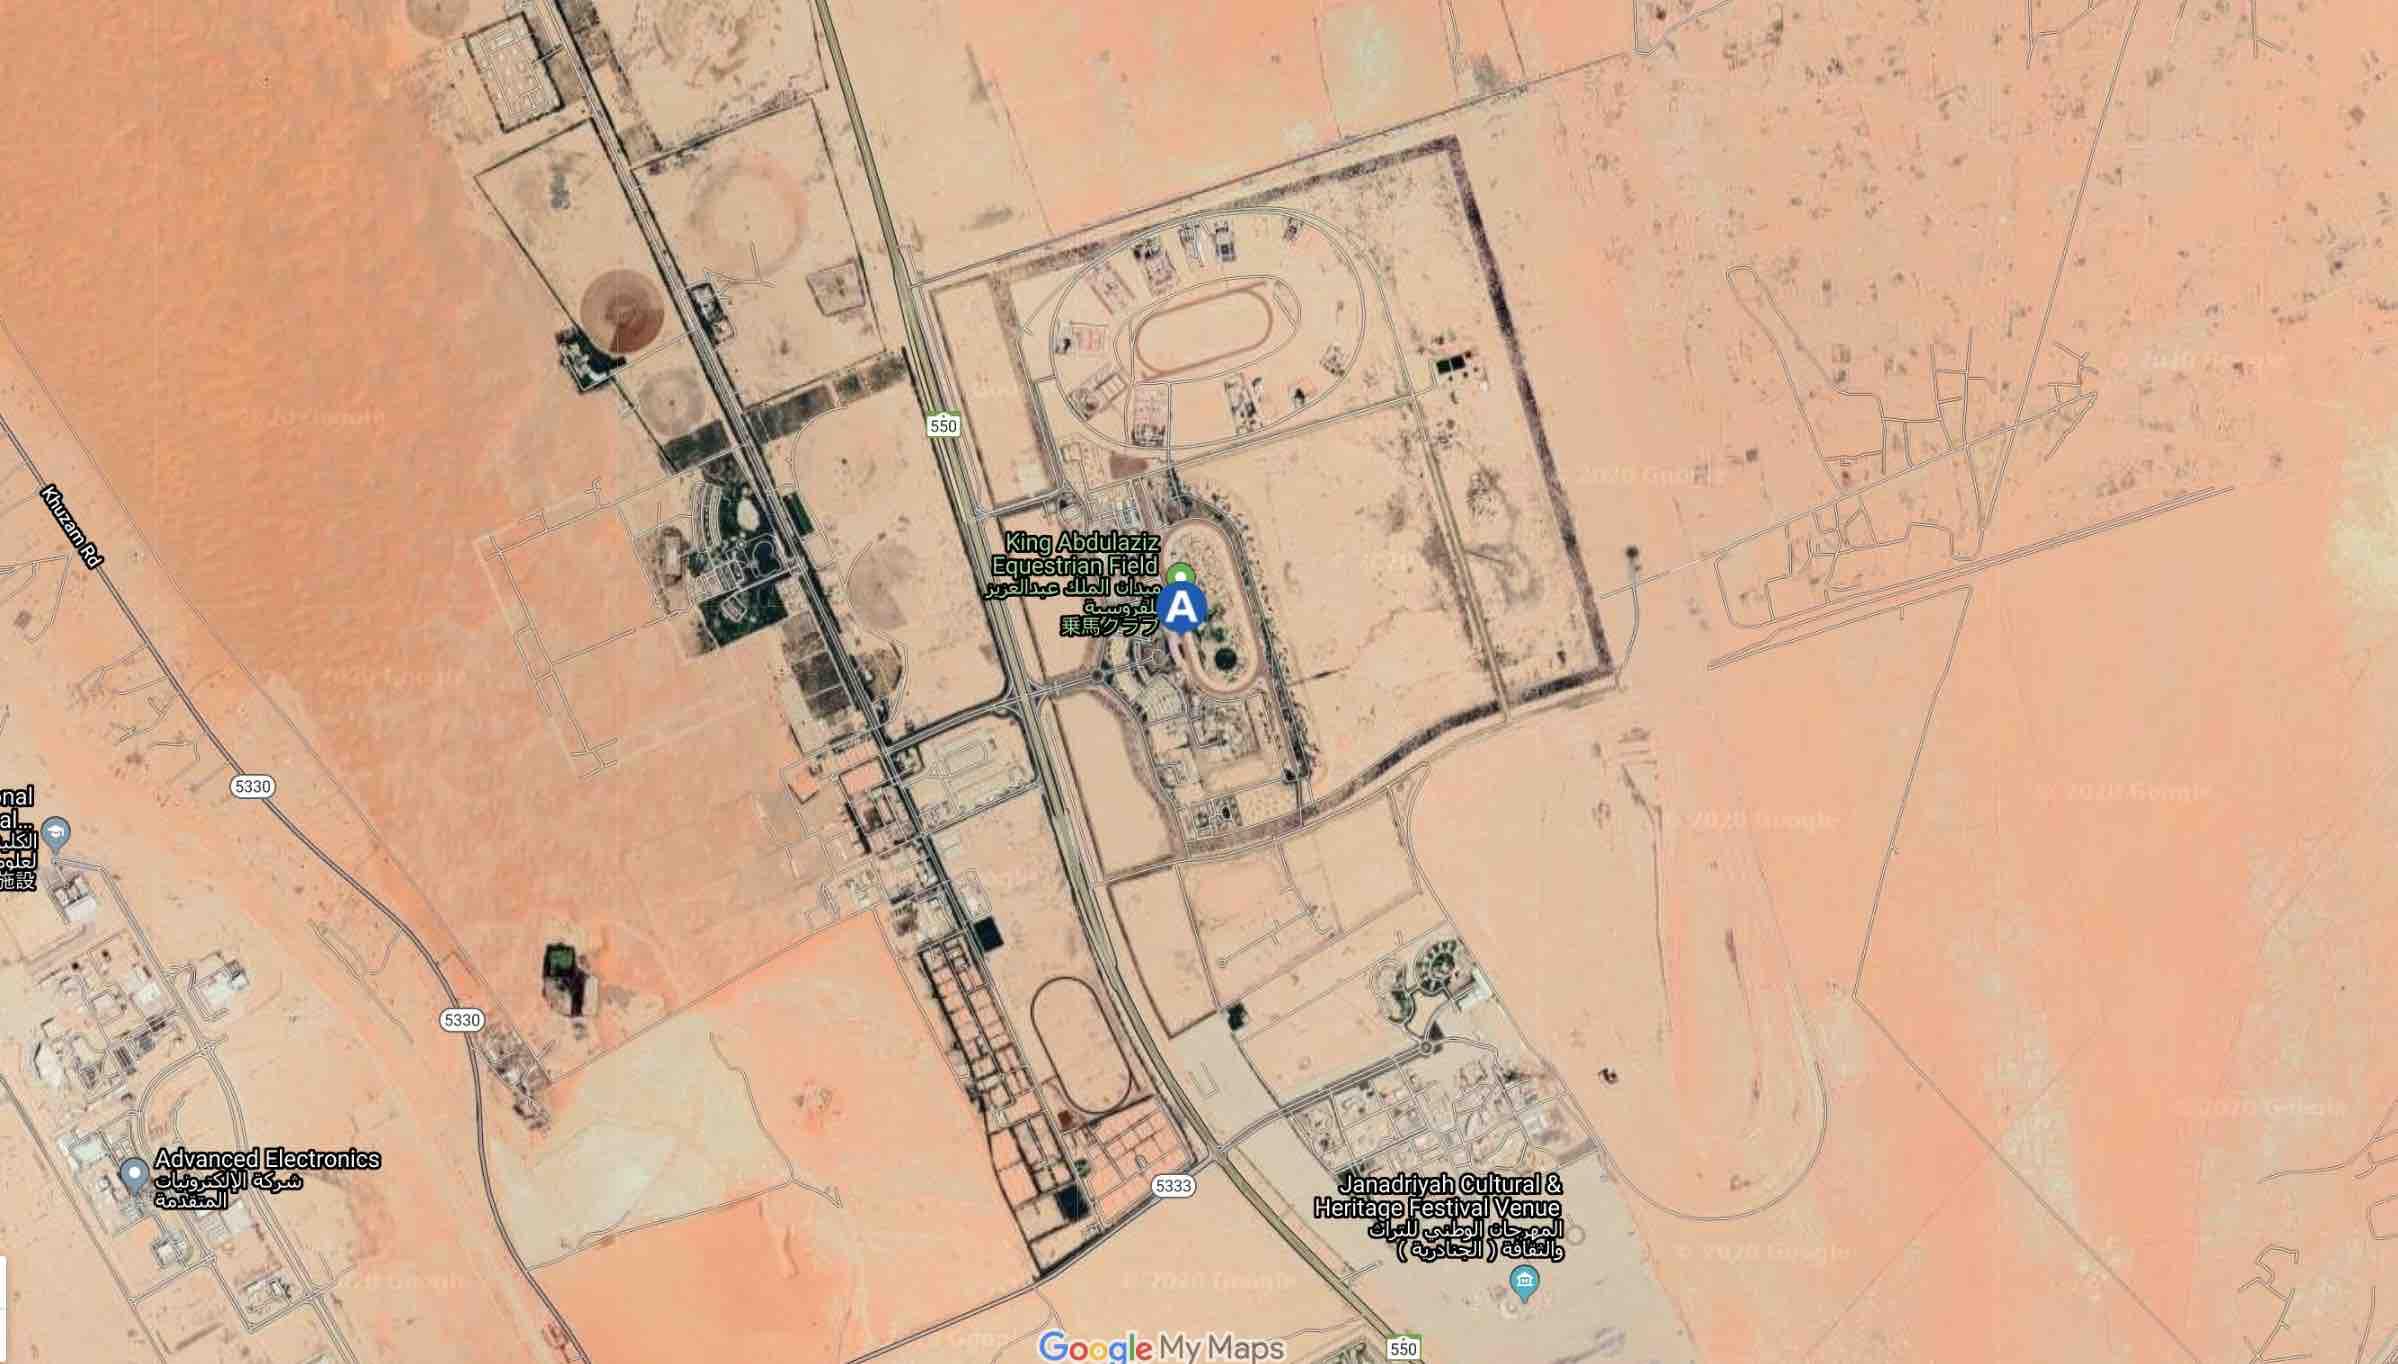 2020年2月29日サウジアラビアの首都リヤドで開催の競馬サウジCのキングアブドゥルアジーズ競馬場の上空画像